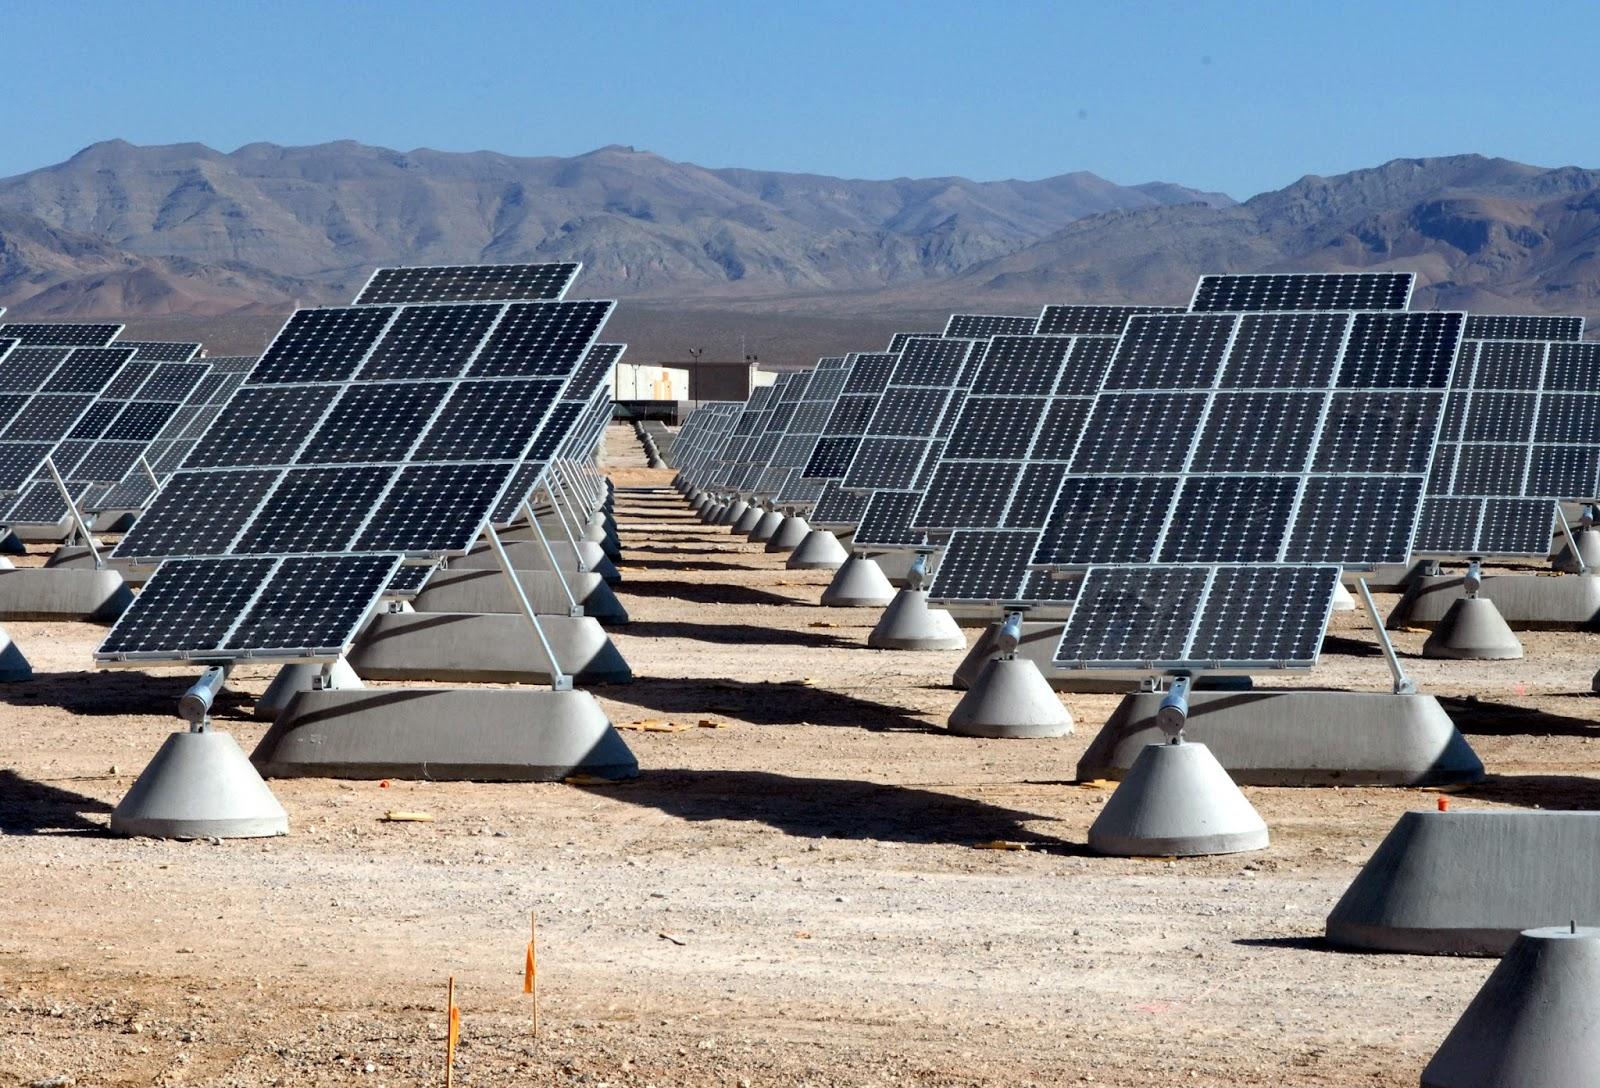 Beberapa Penemuan Terbaru dan Prediksi Energi Surya Yang Anda Tidak tahu